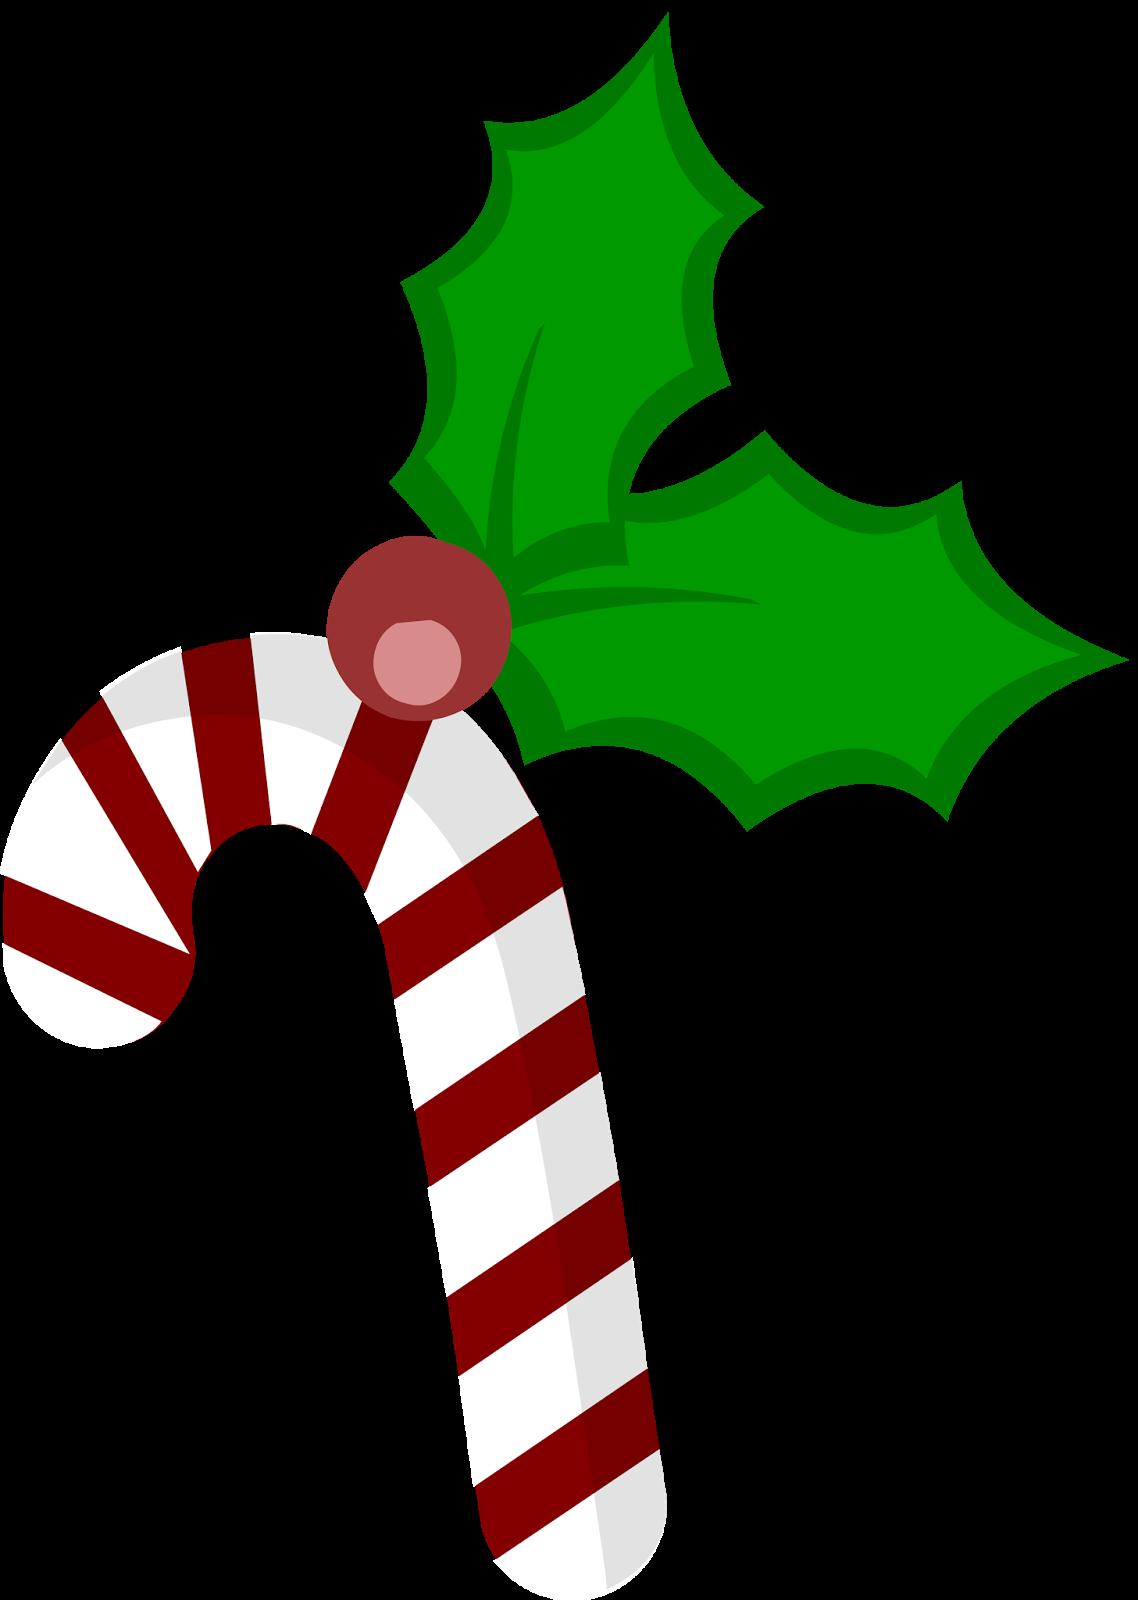 Cosas navidad fans de mundo gaturro con anto226 for Cosas decorativas para navidad